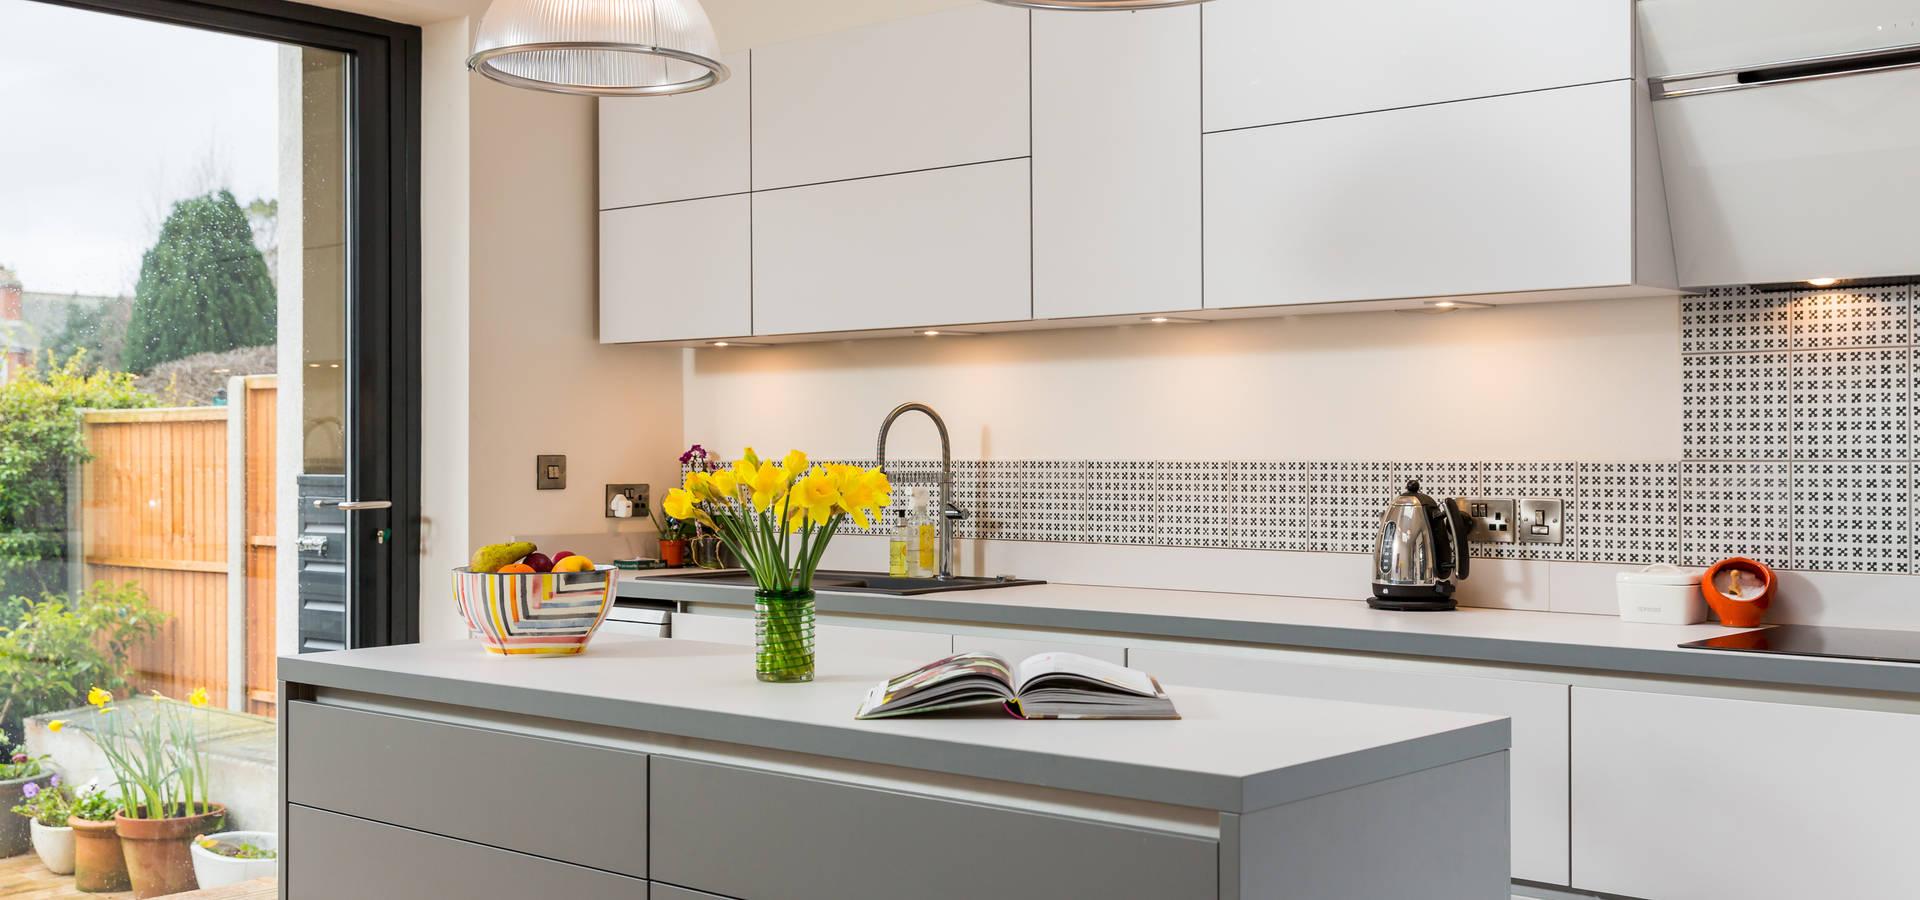 Eco German Kitchens: Designers de cozinhas em Winchester | homify